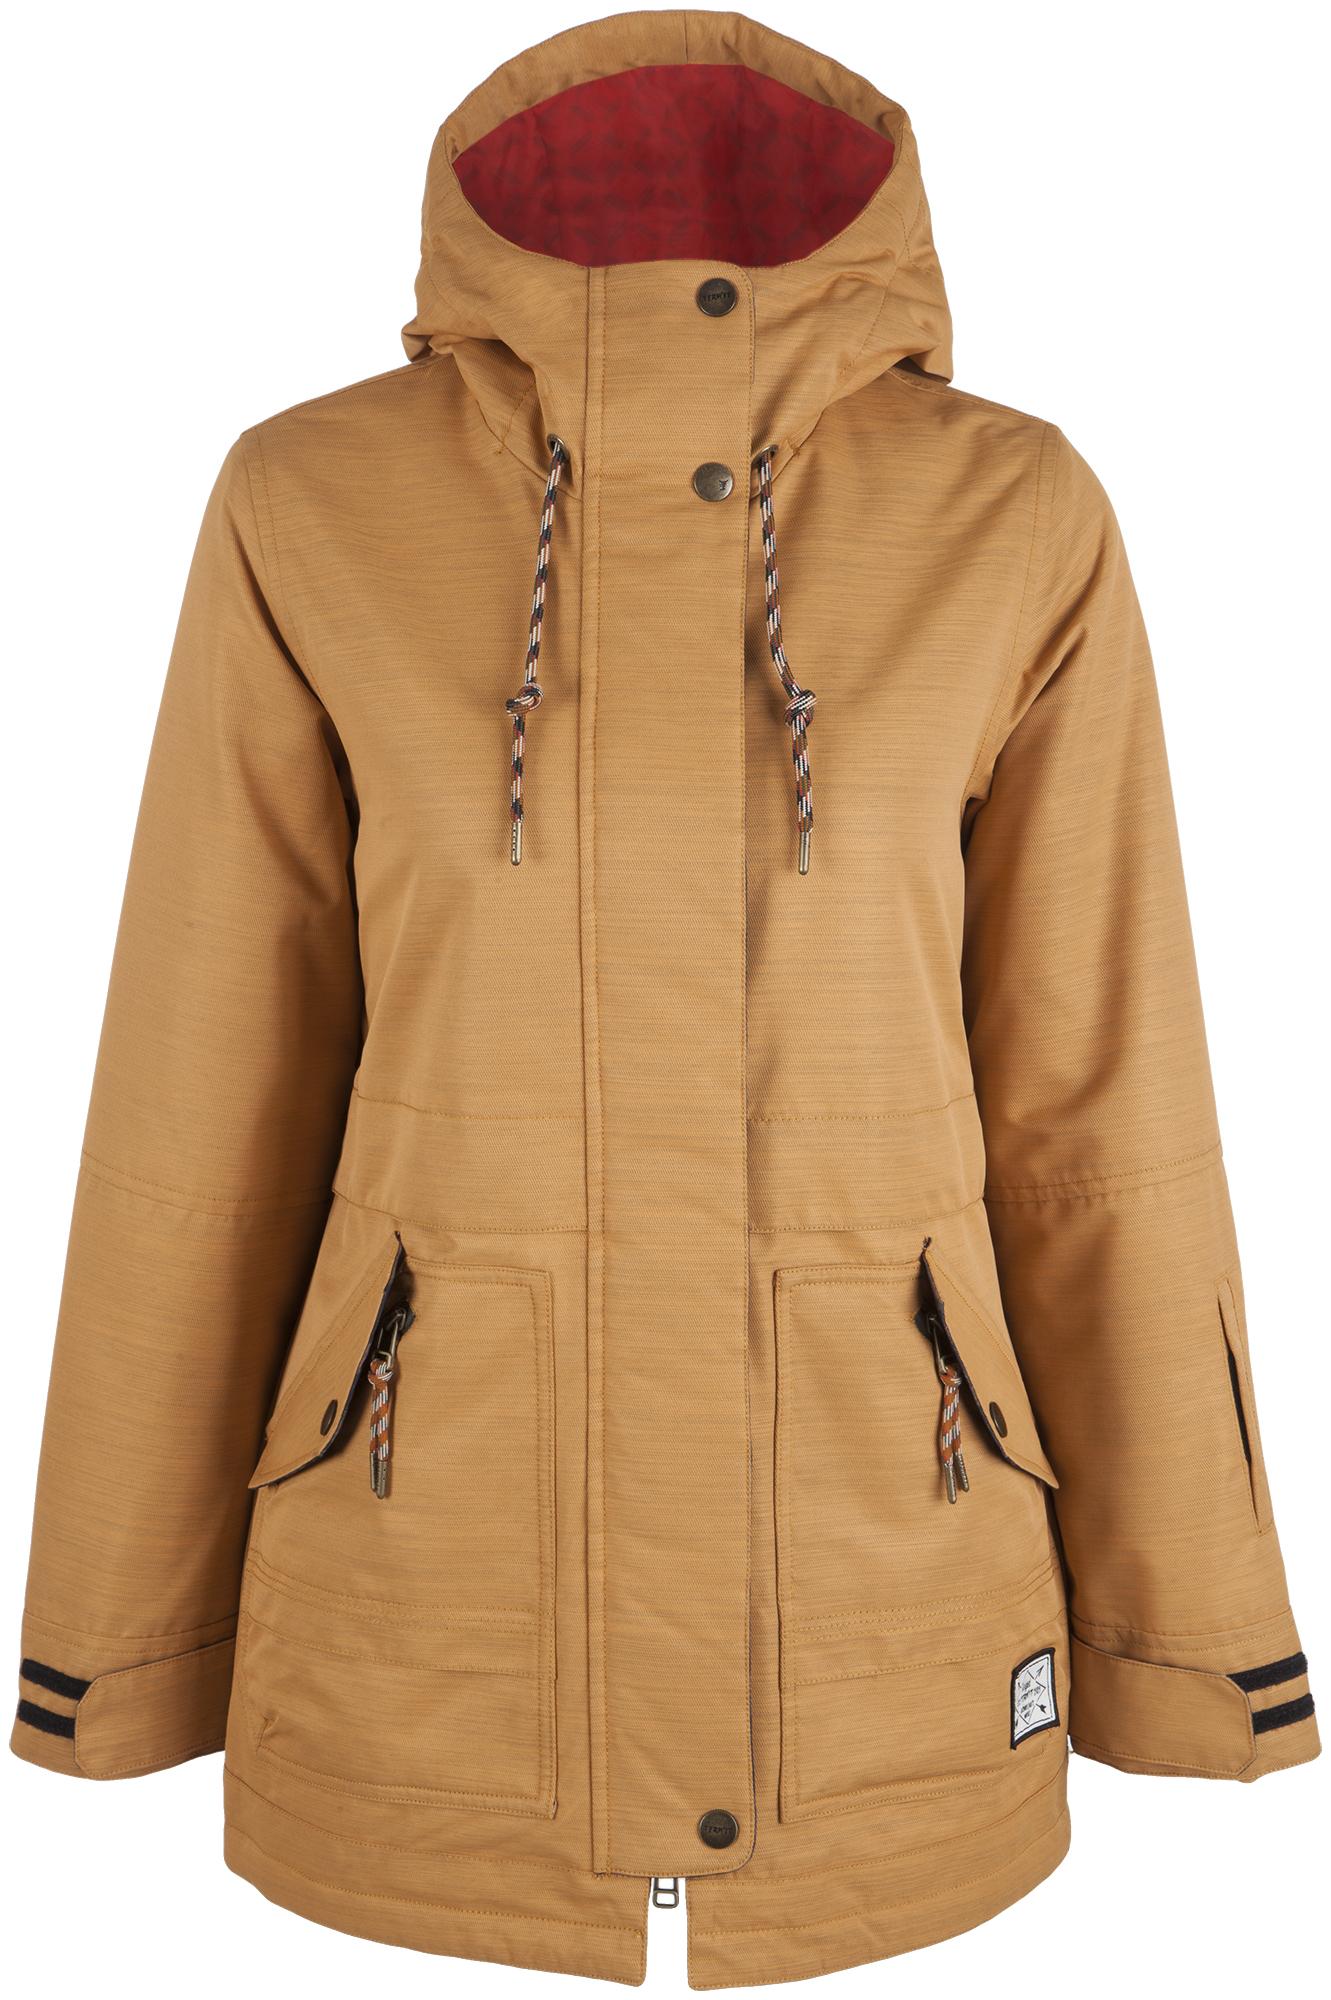 купить Termit Куртка утепленная женская Termit, размер 50 по цене 6999 рублей